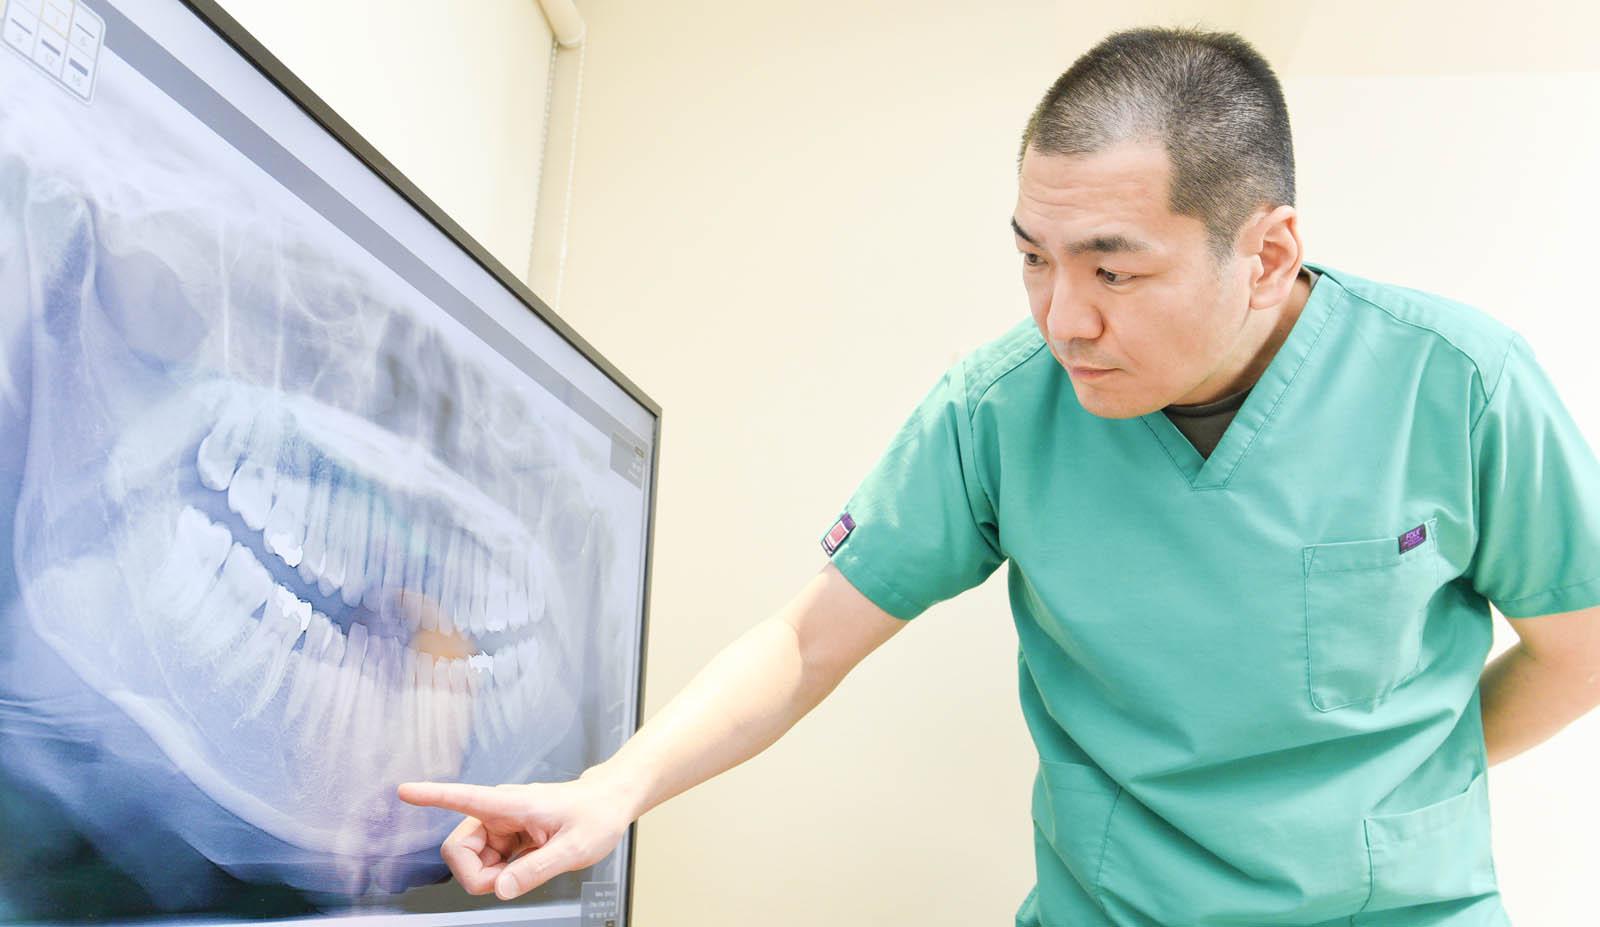 コラム:根管治療は再治療になると「成功率」が大きく下がります